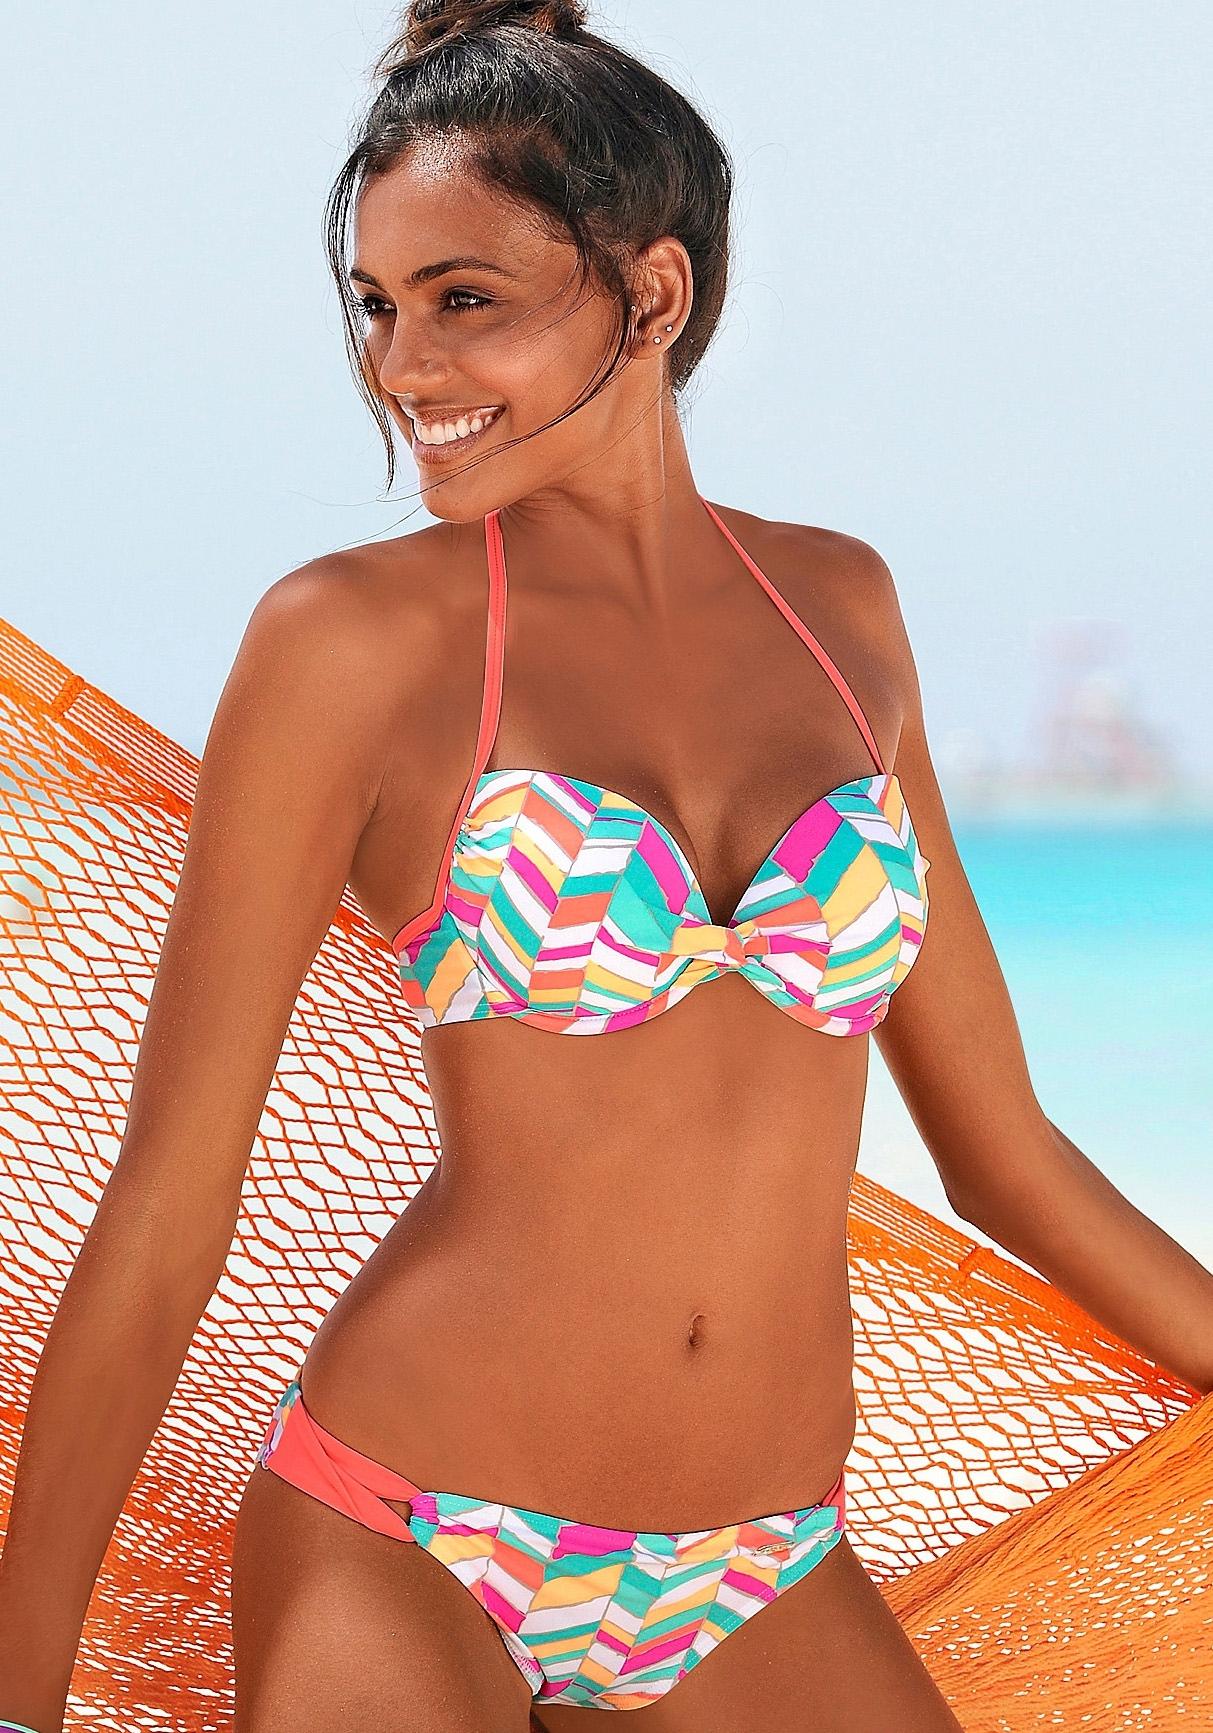 Buffalo Push-up-bikini met ingewerkte versteviging (2-delig) nu online kopen bij Lascana